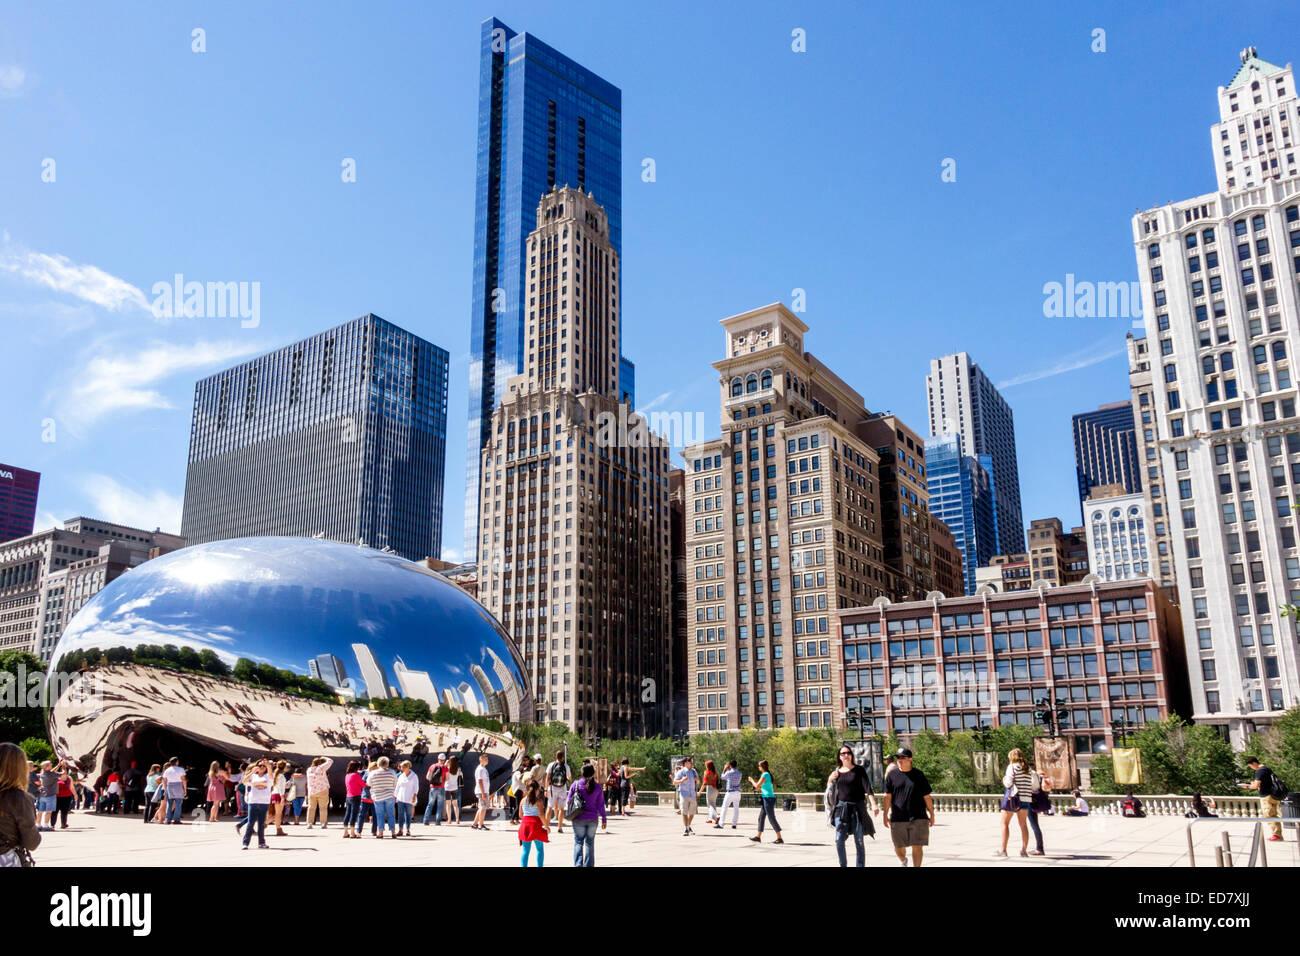 Boucle de Millennium Park Chicago Illinois Cloud Gate Le Bean artiste Anish Kapoor reflète l'art public Photo Stock